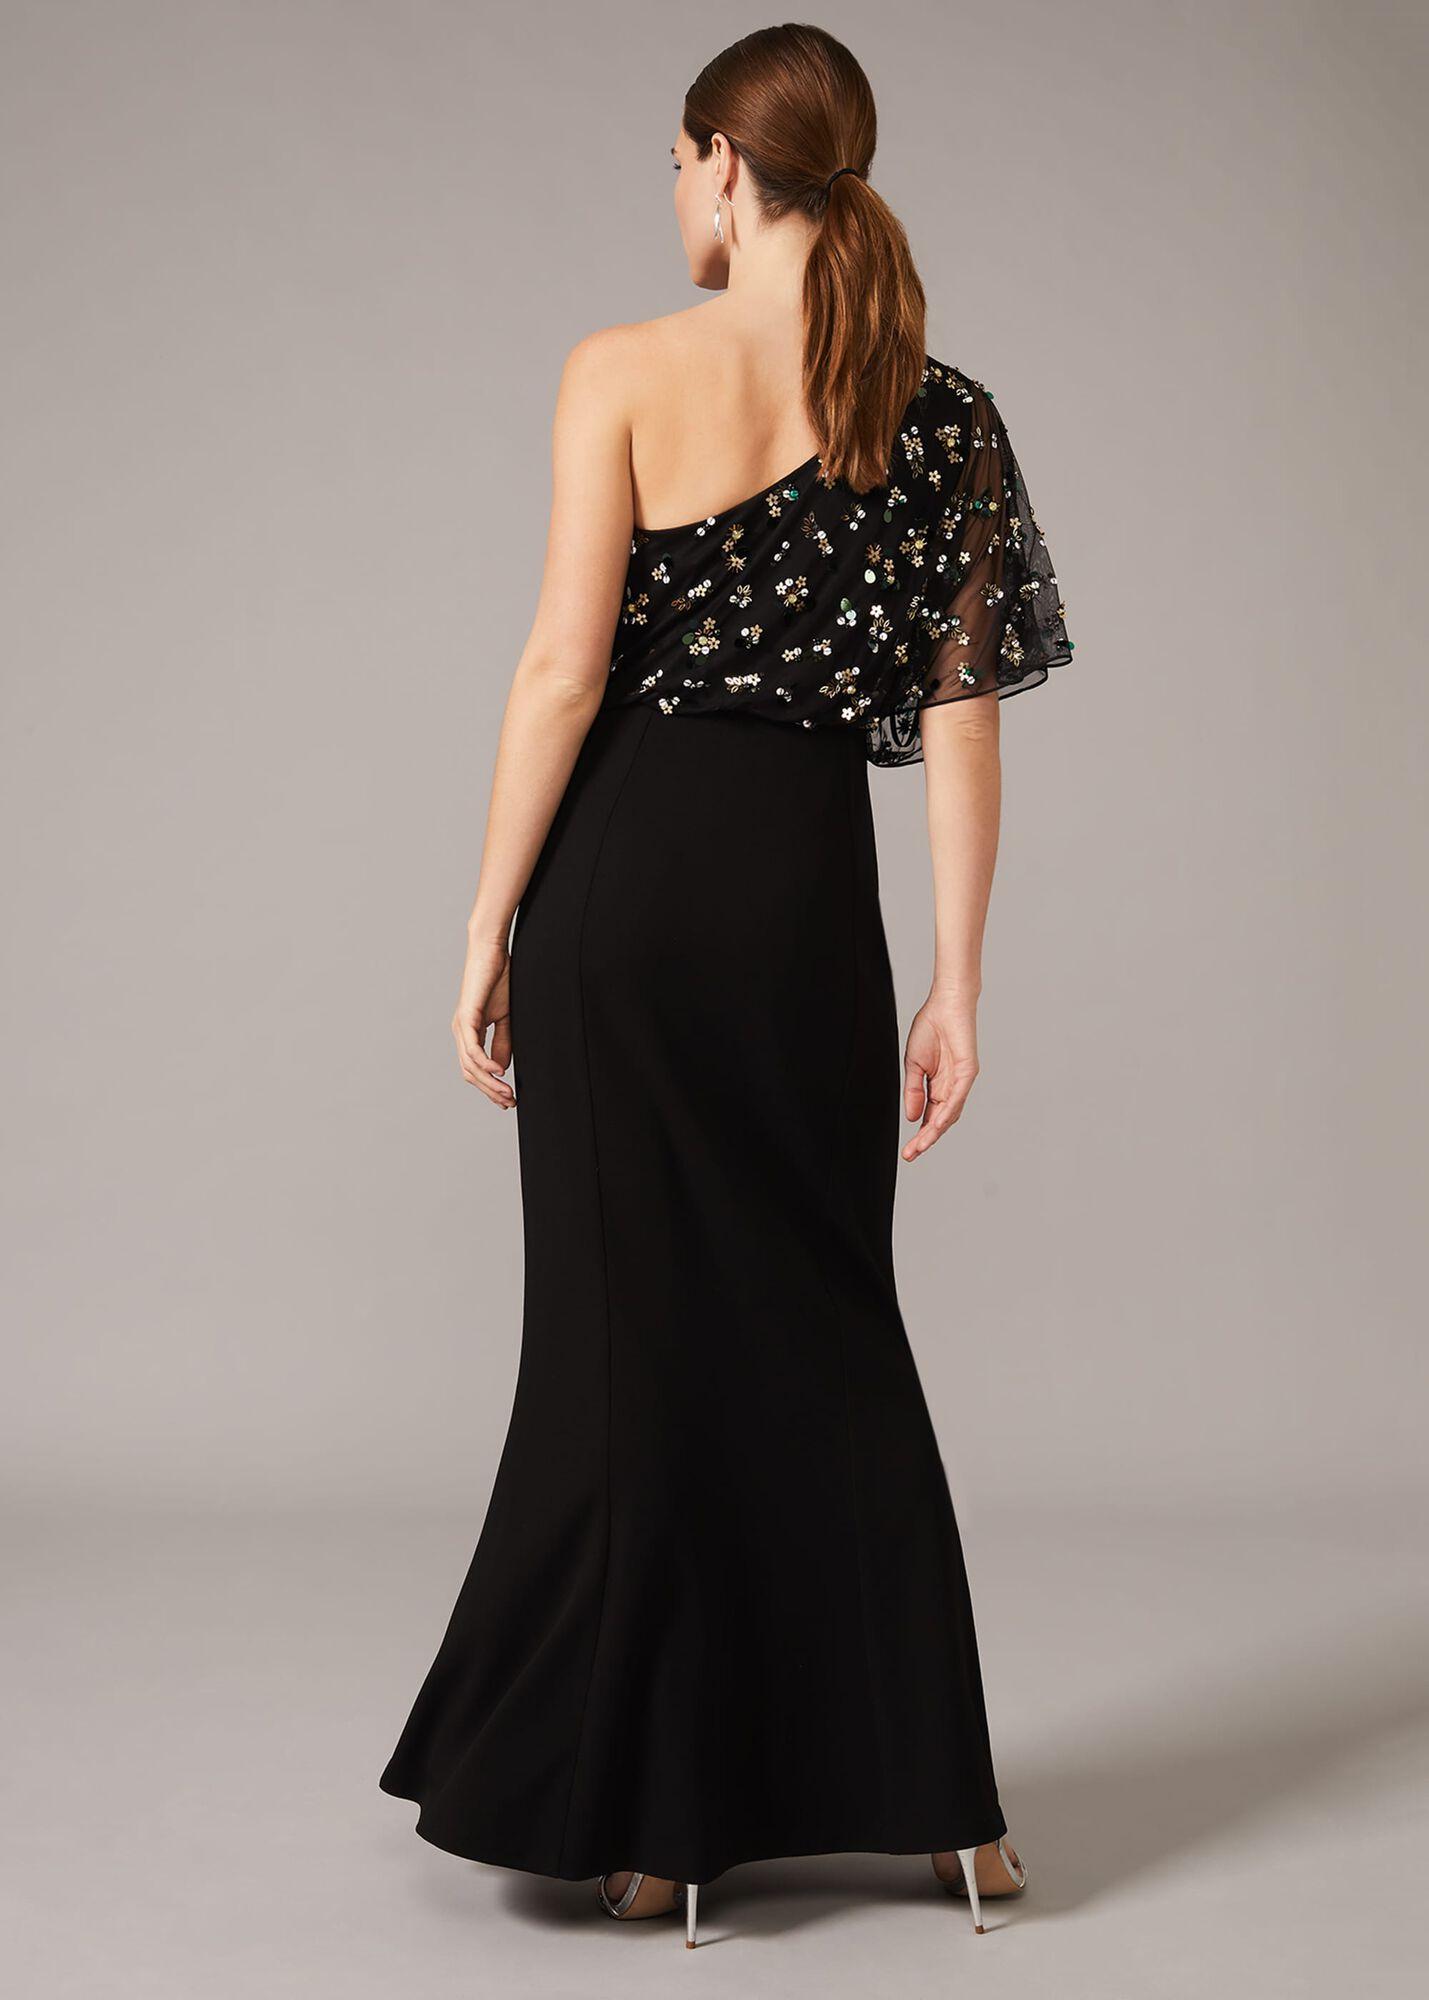 220070050-02-adele-sequinned-one-shoulder-dress.jpg?sw=1429&sh=2000&strip=false